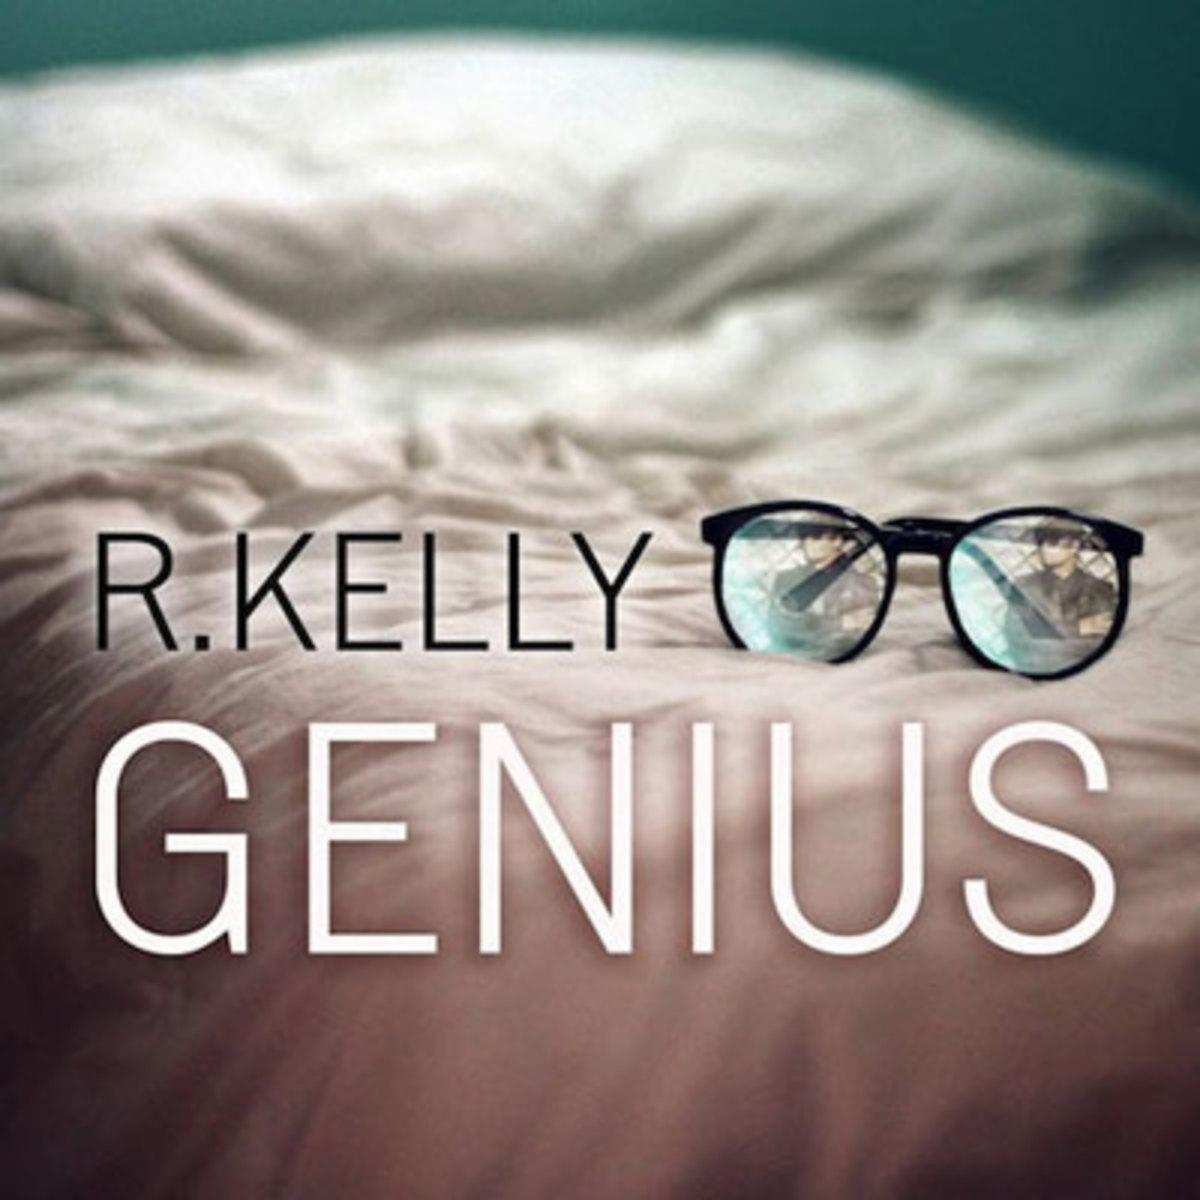 rkelly-genius.jpg